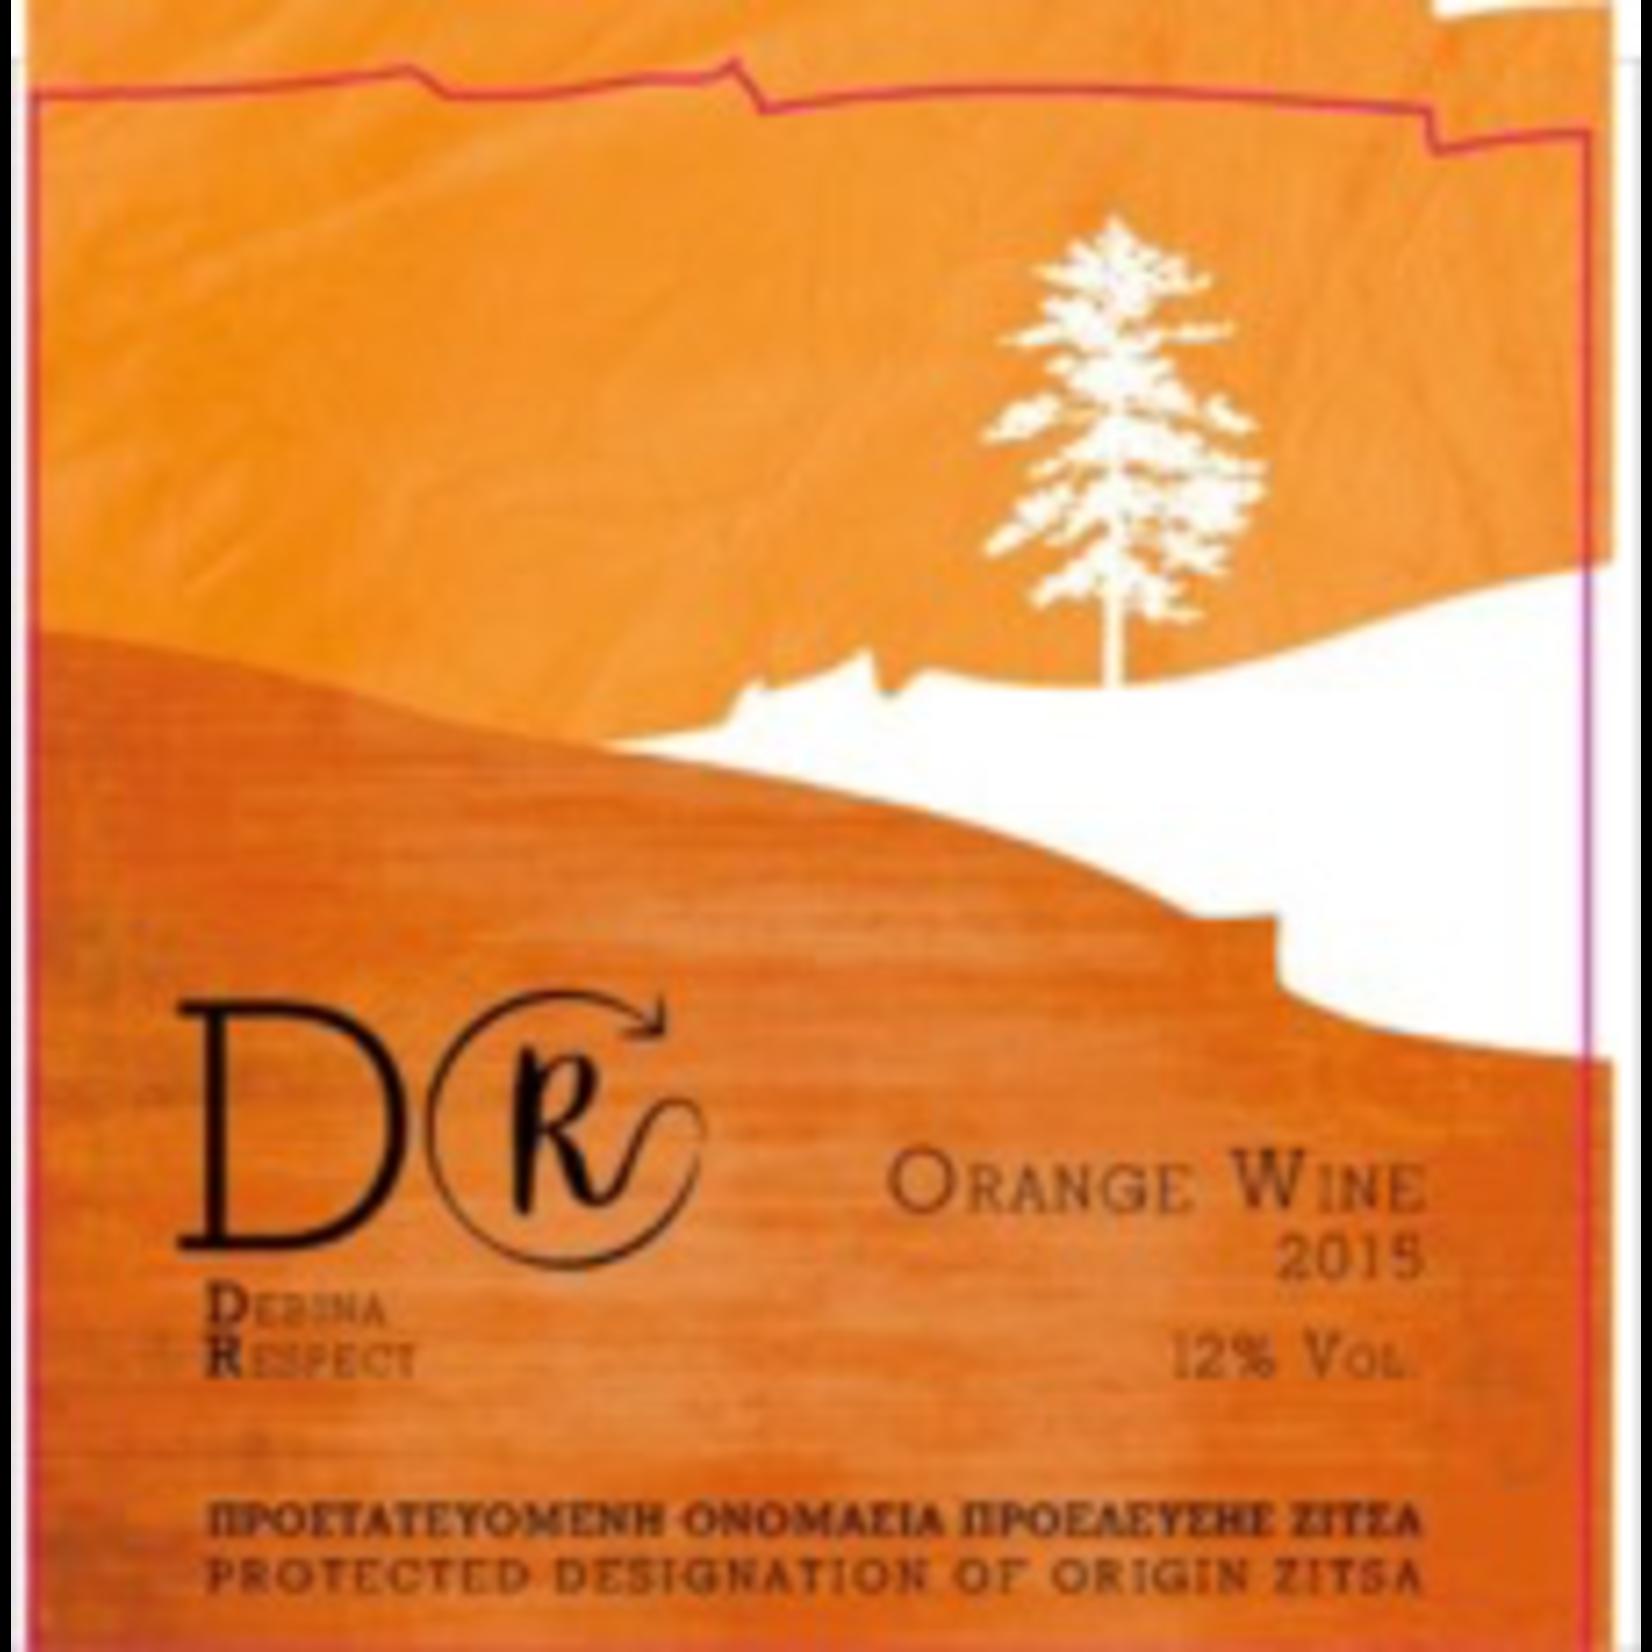 Wine Zoinos Winery Dr Debina Respect Zitsa 2016